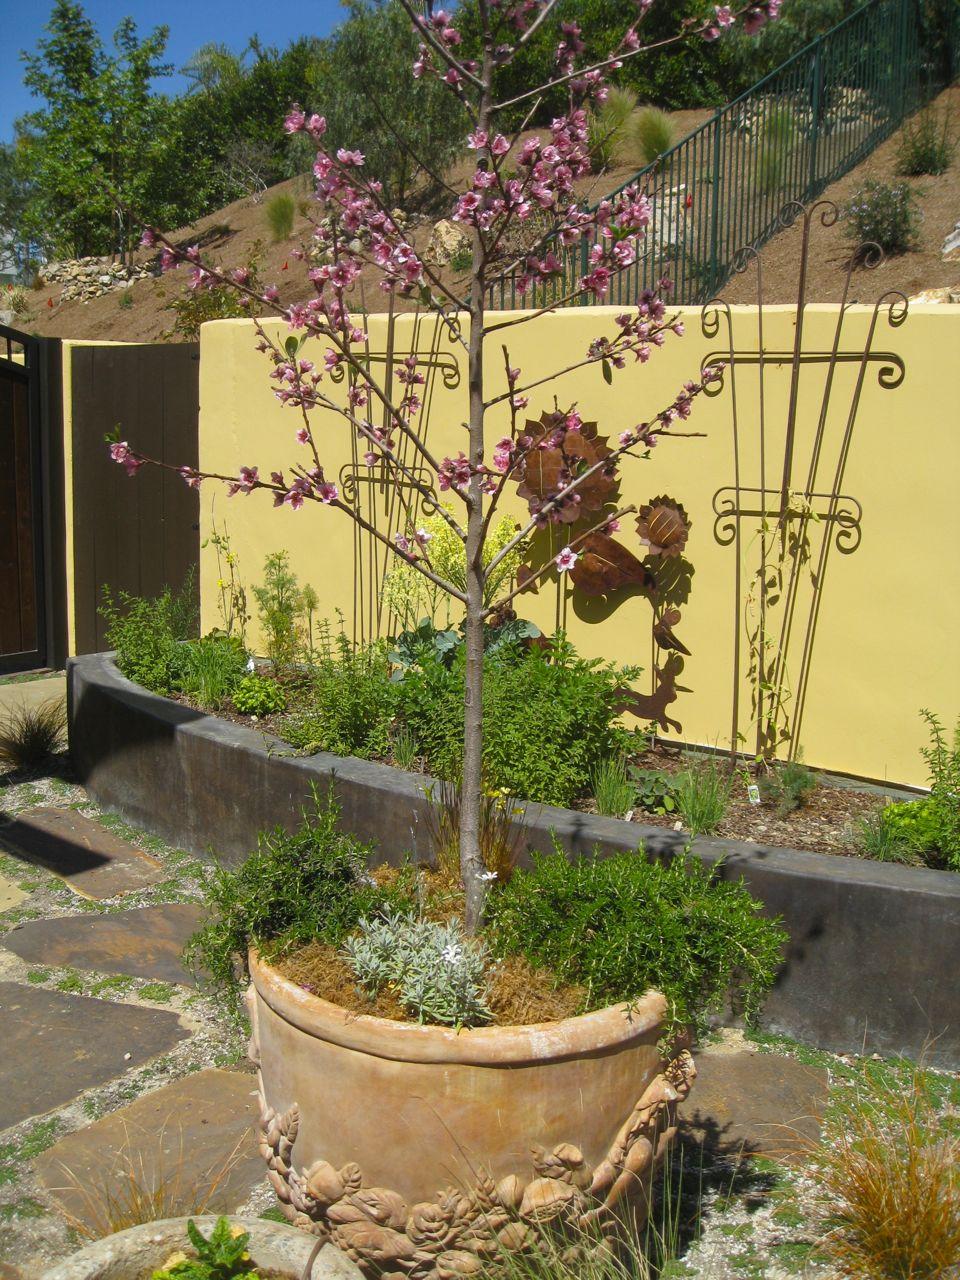 Dwarf Fruit Trees in Pots